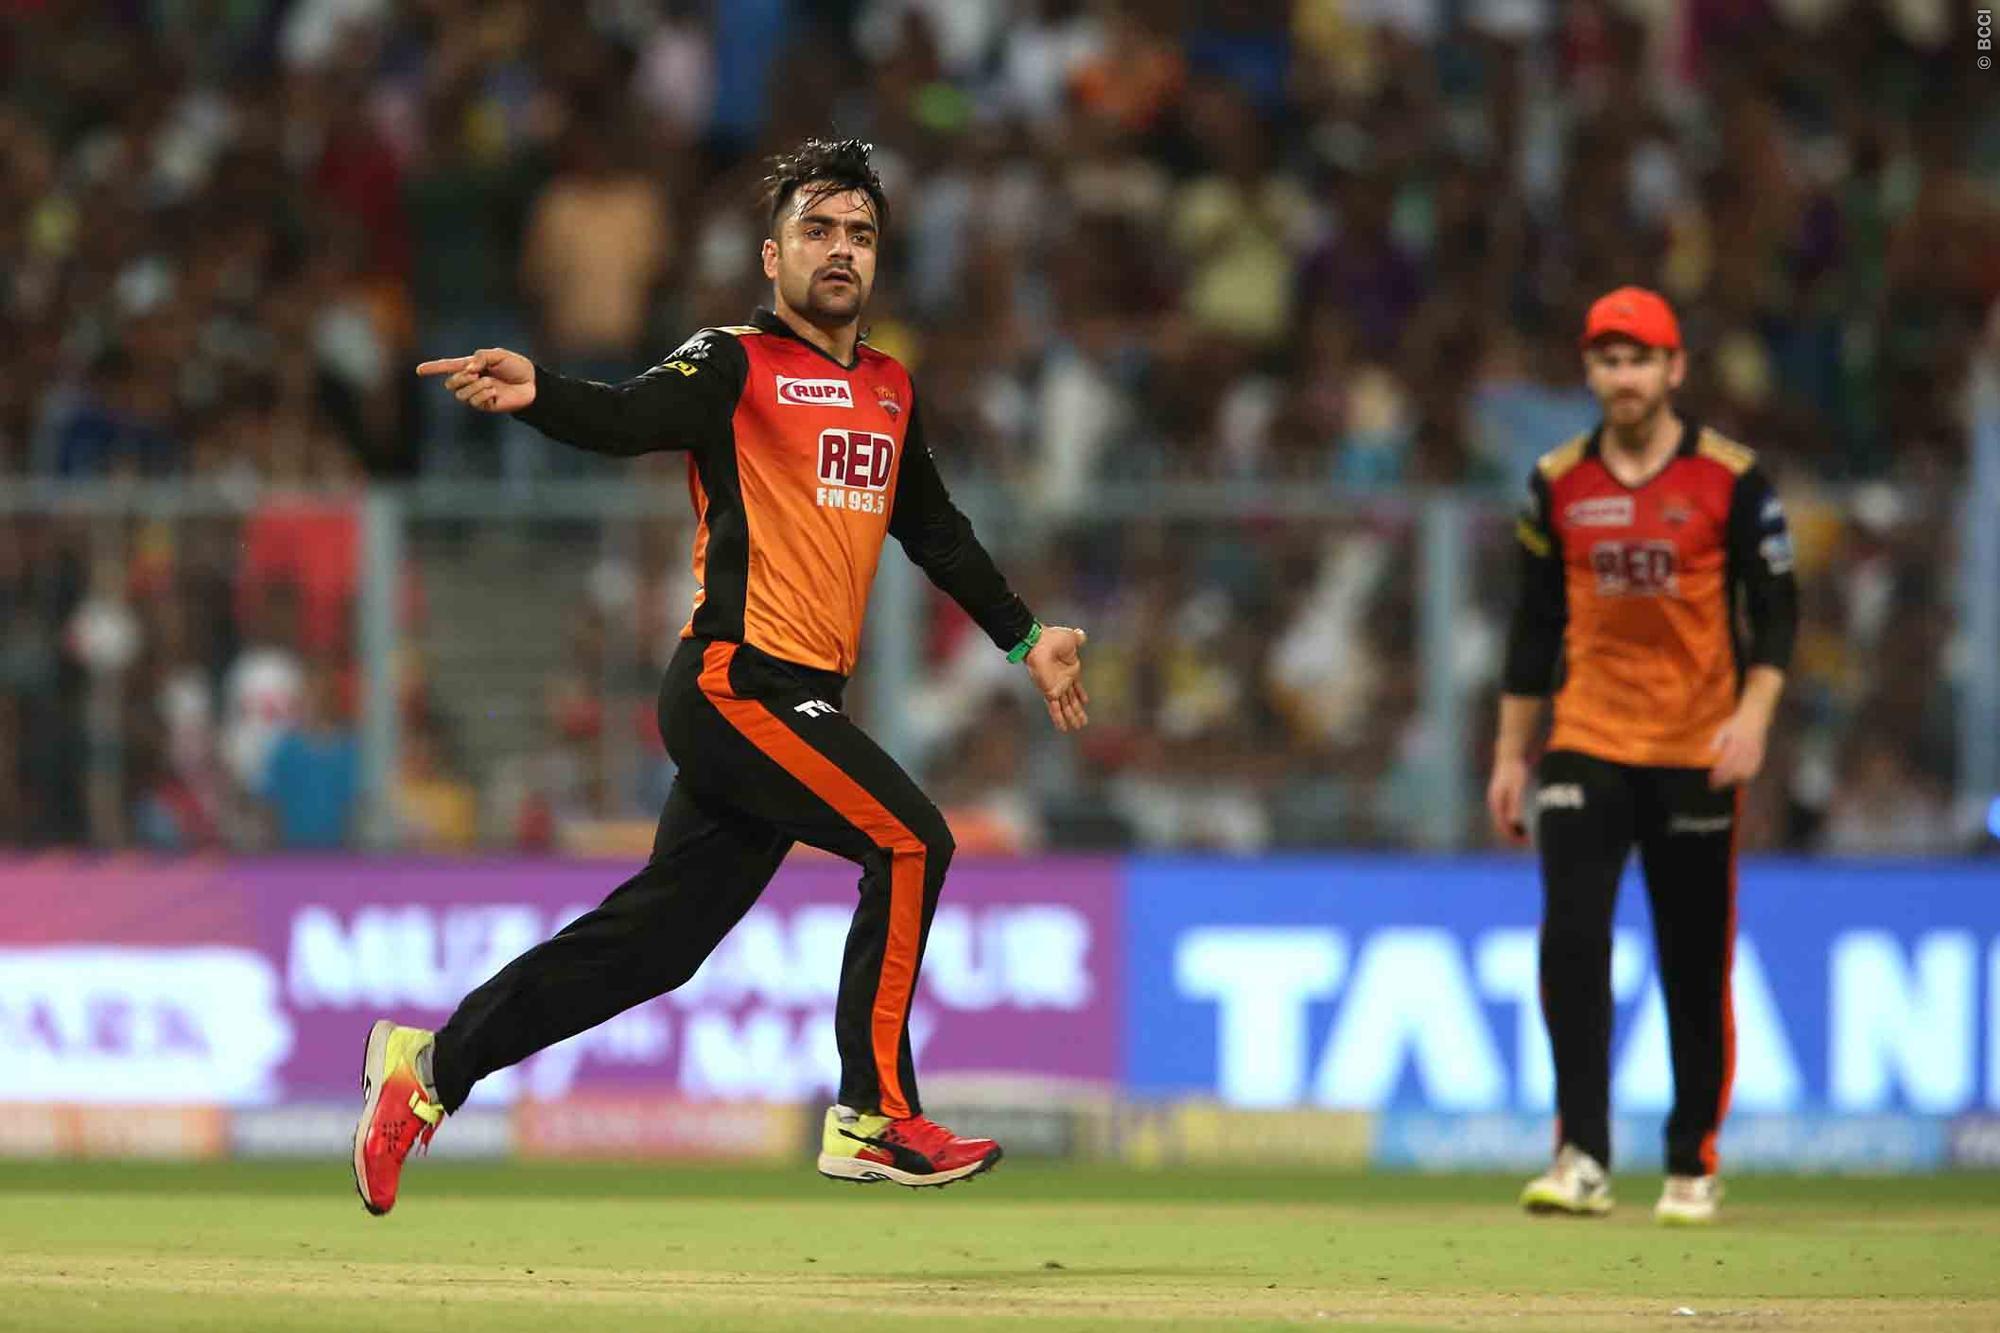 हैदराबाद नहीं बल्कि इस टीम के लिए राशिद खान खेलना चाहते थे आईपीएल 2